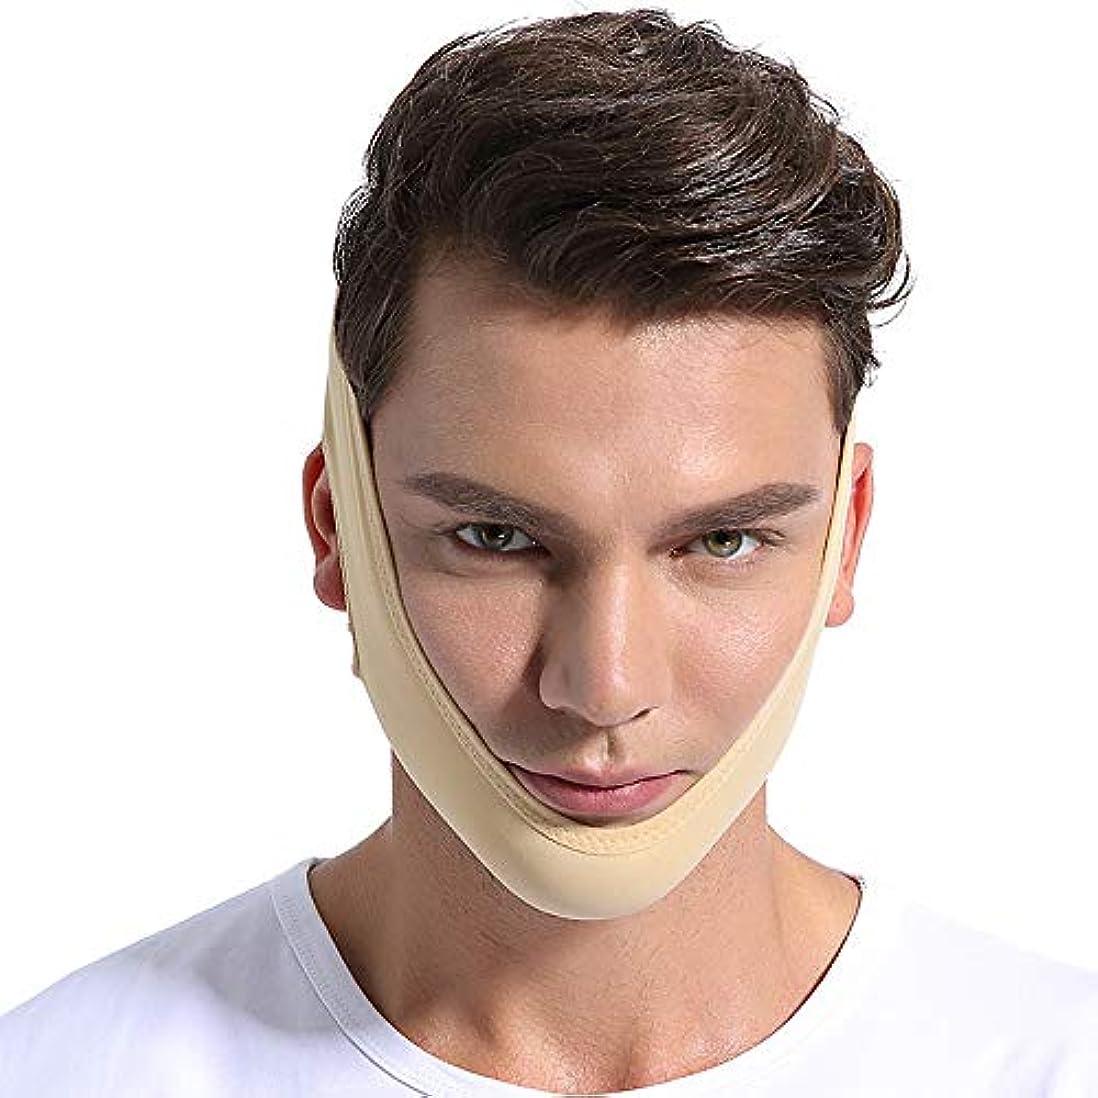 食用砂ムス顔面持ち上げ用具、Vフェイスの薄い顔の包帯顔面マッサージ器リフティングパッキングマスク,L